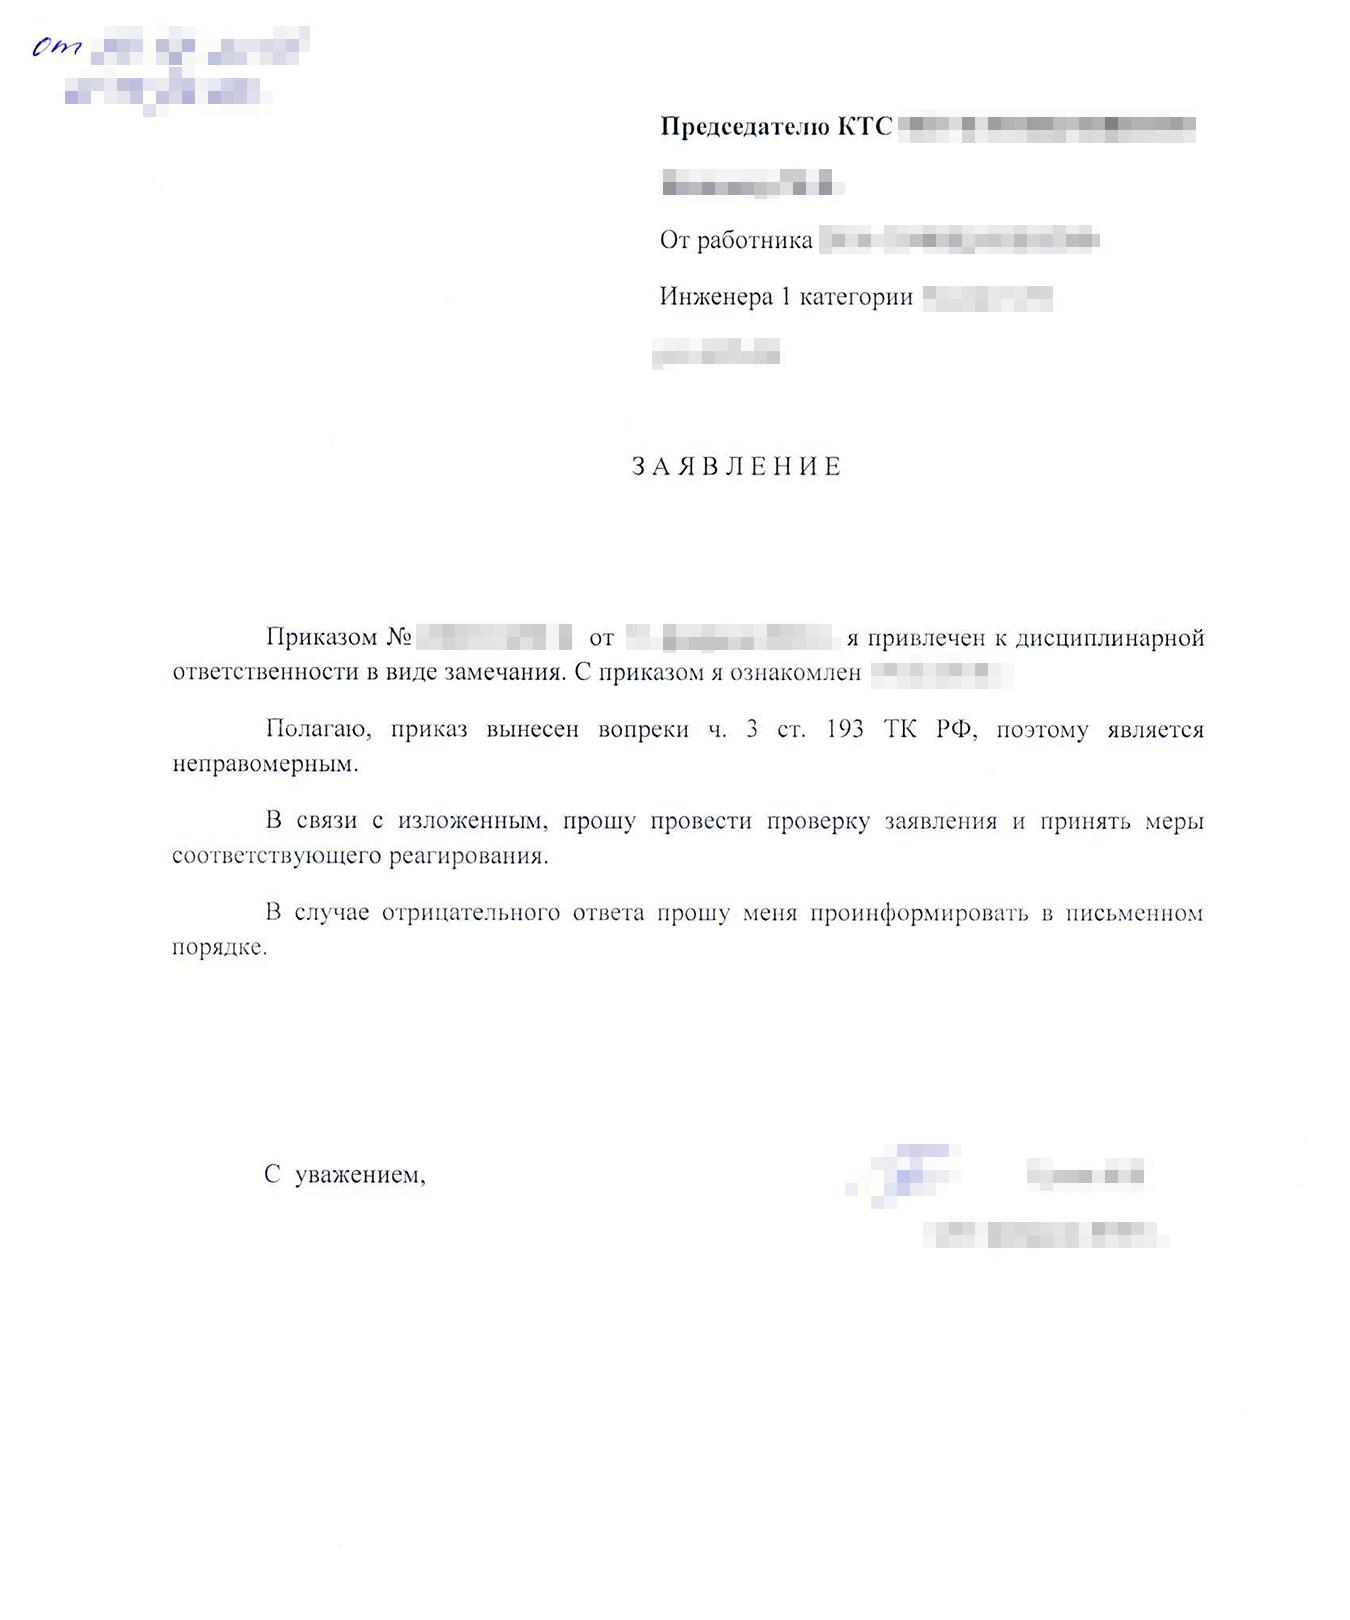 Мое заявление в КТС